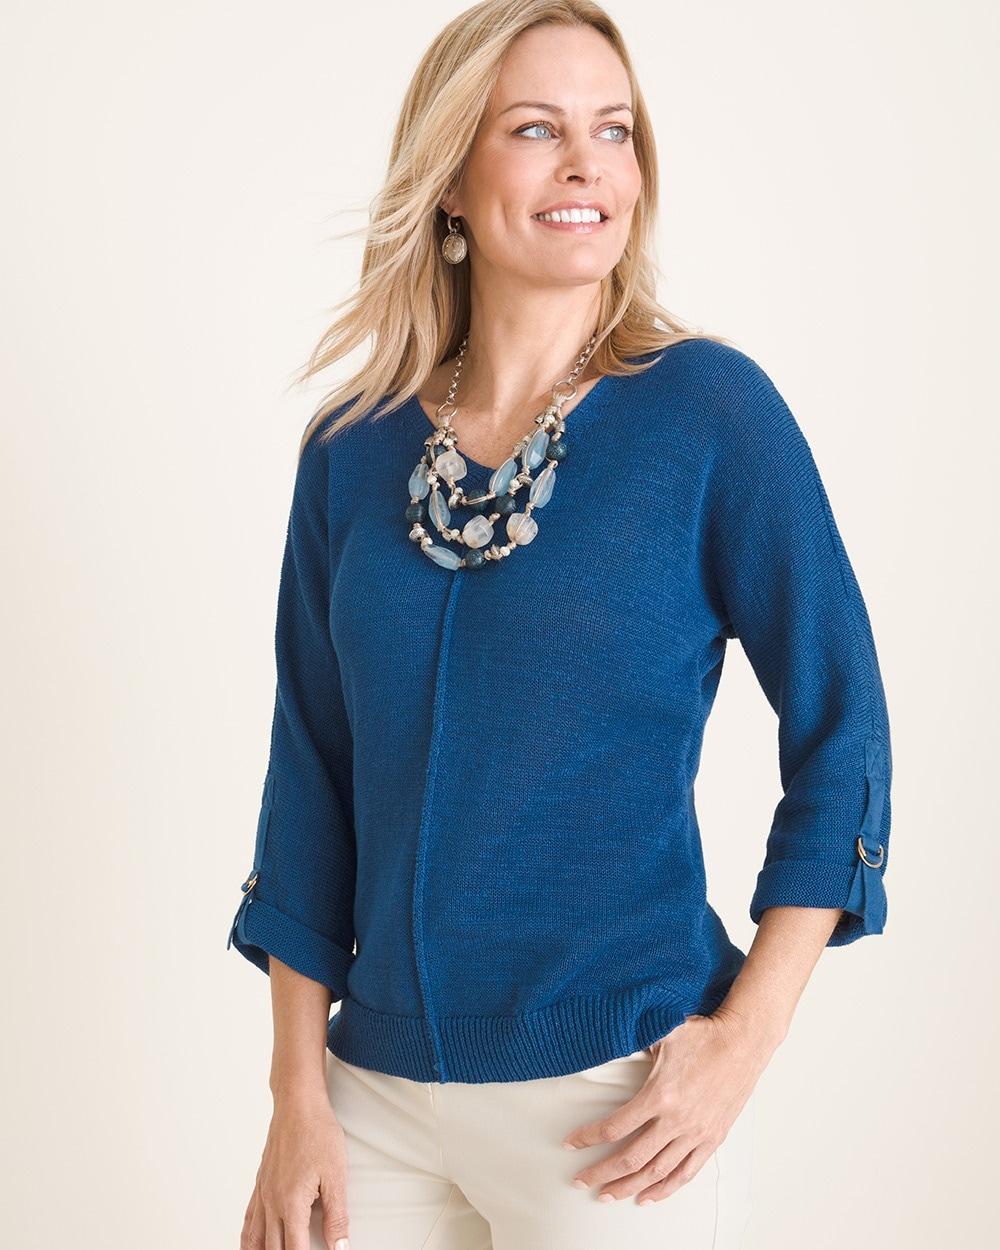 Sleeve Detail V Neck Sweater